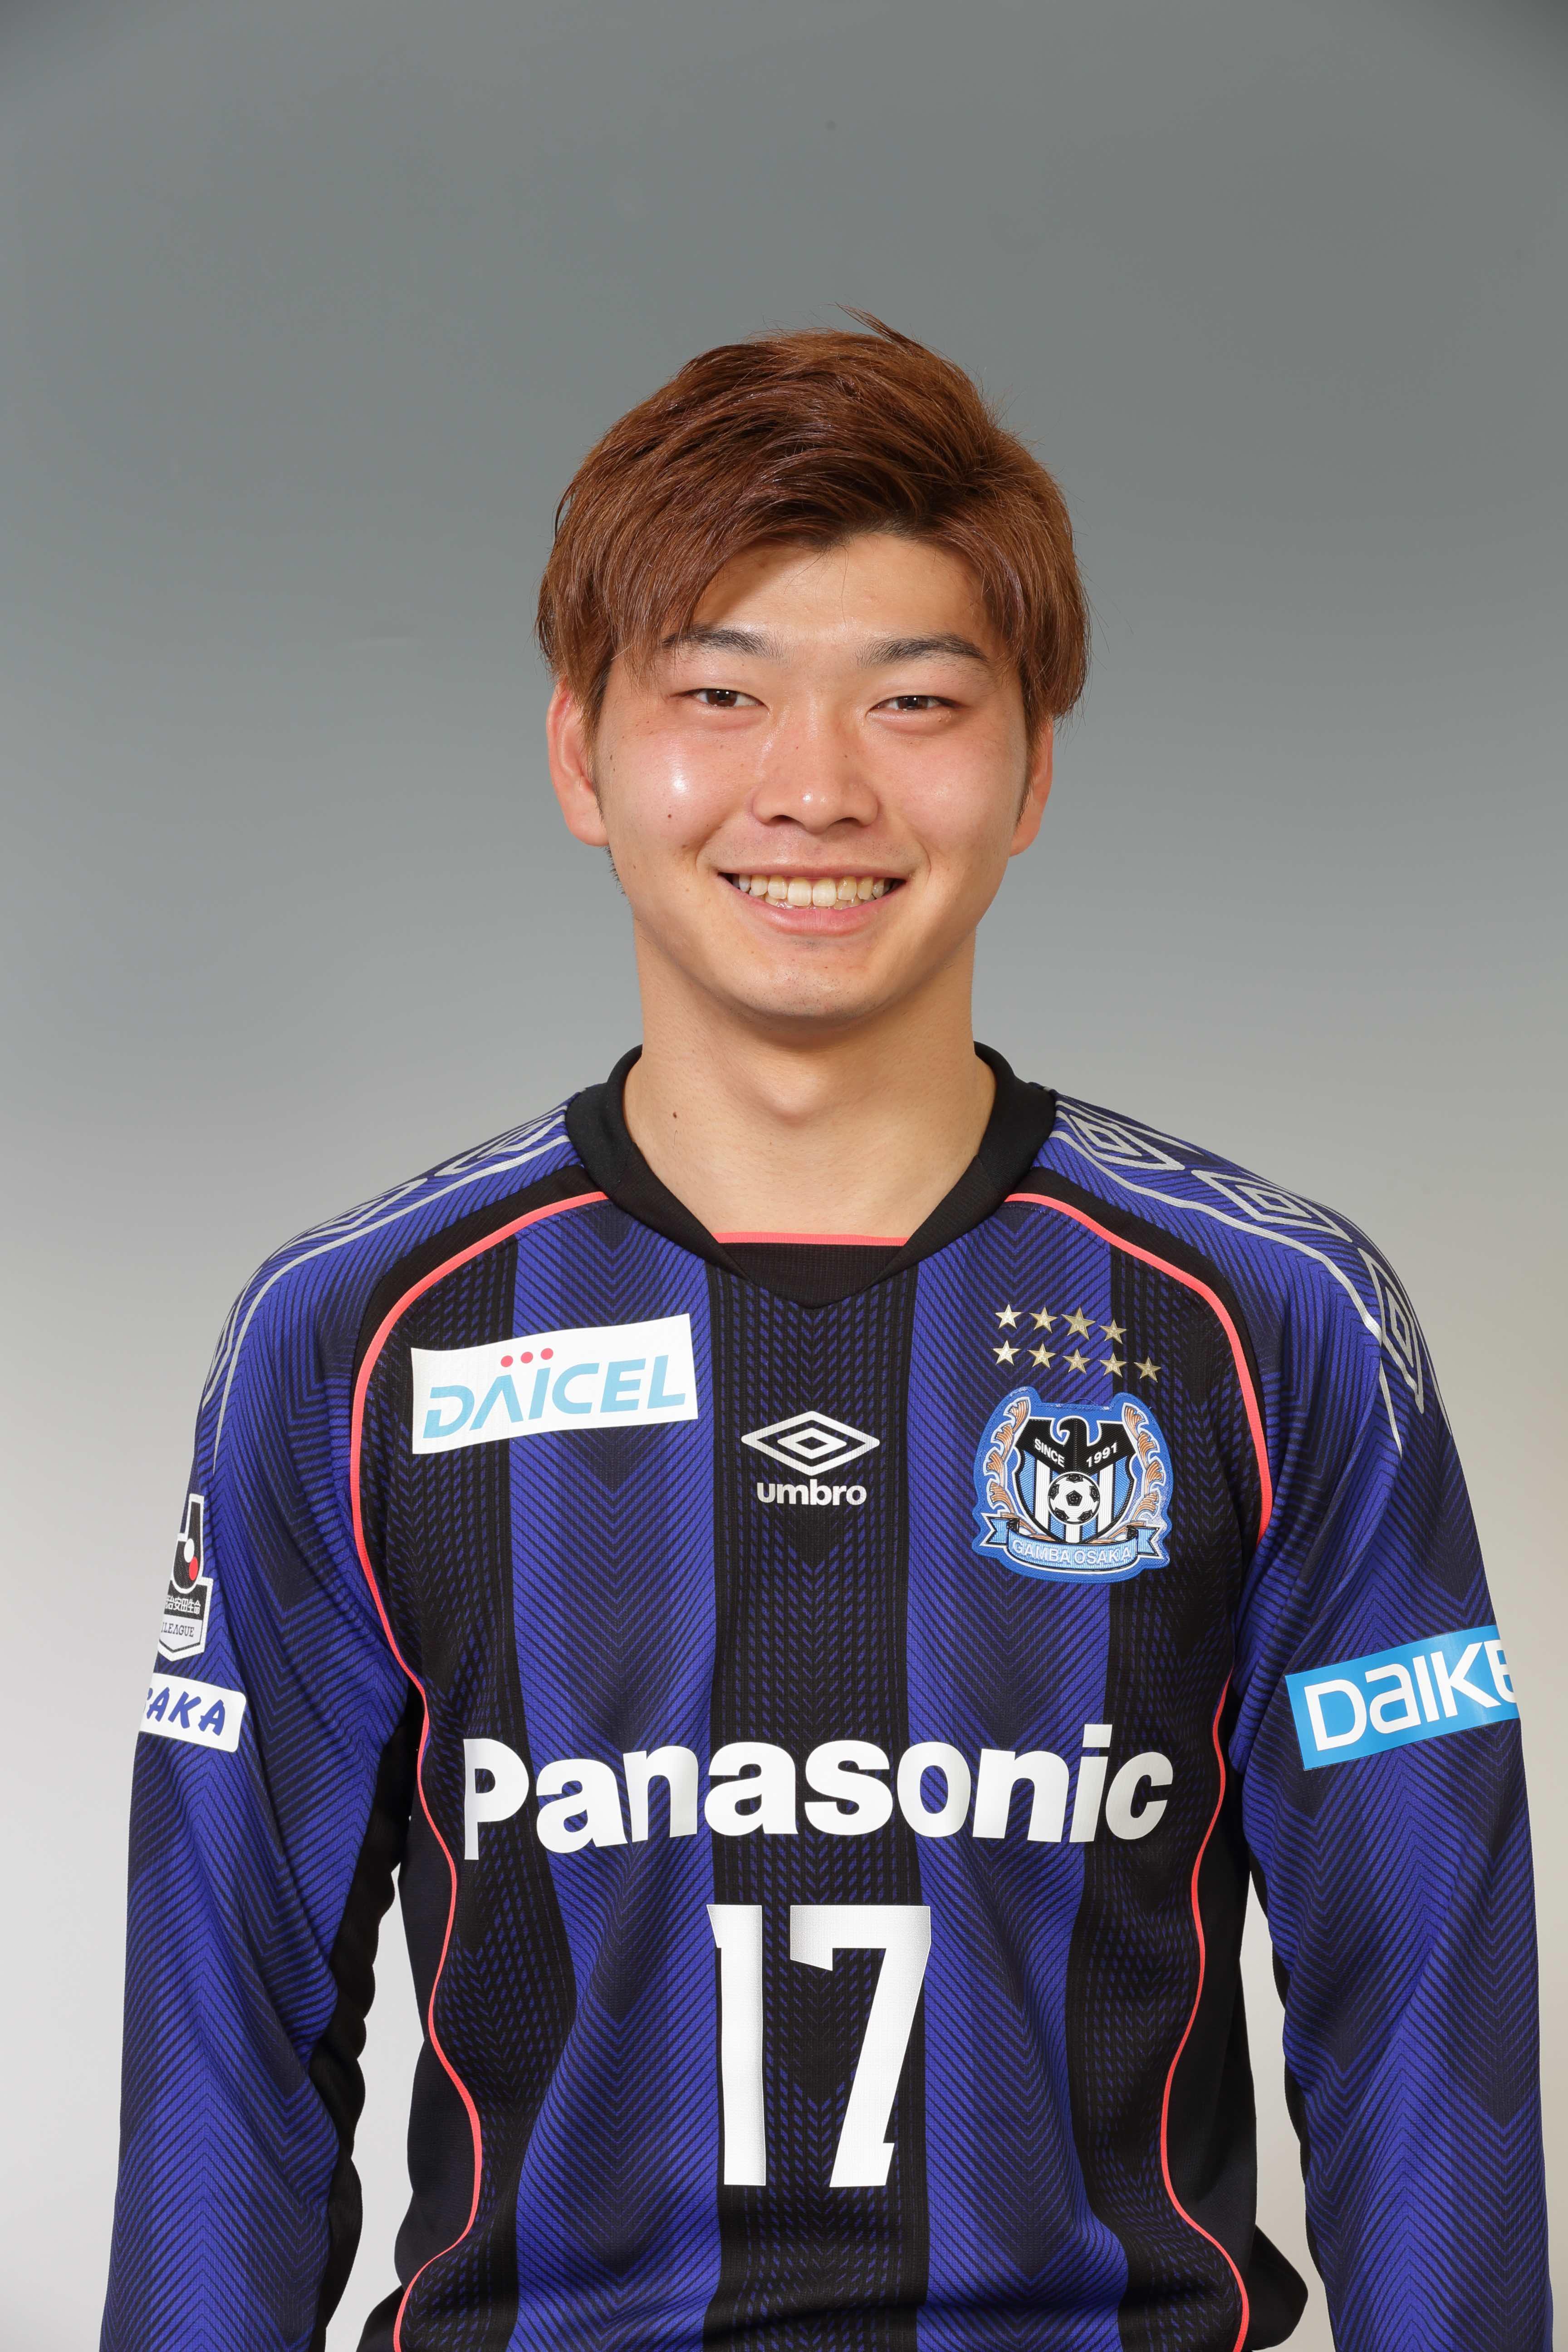 【本人直筆サイン入り公式】ガンバ大阪ユニフォーム2018HOME 市丸瑞希選手